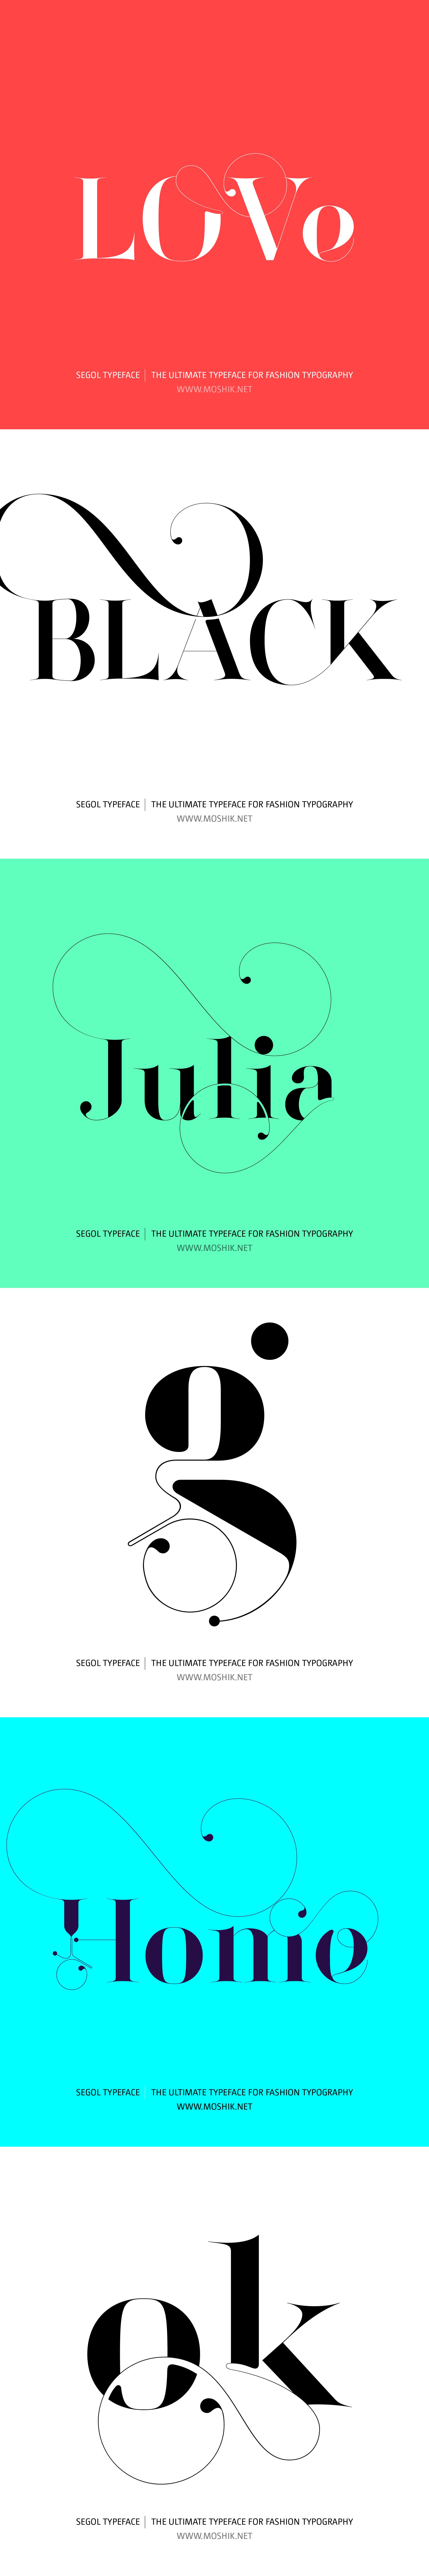 New Segol Typeface Moshik Nadav Typography Typeface Typography Fashion Typography